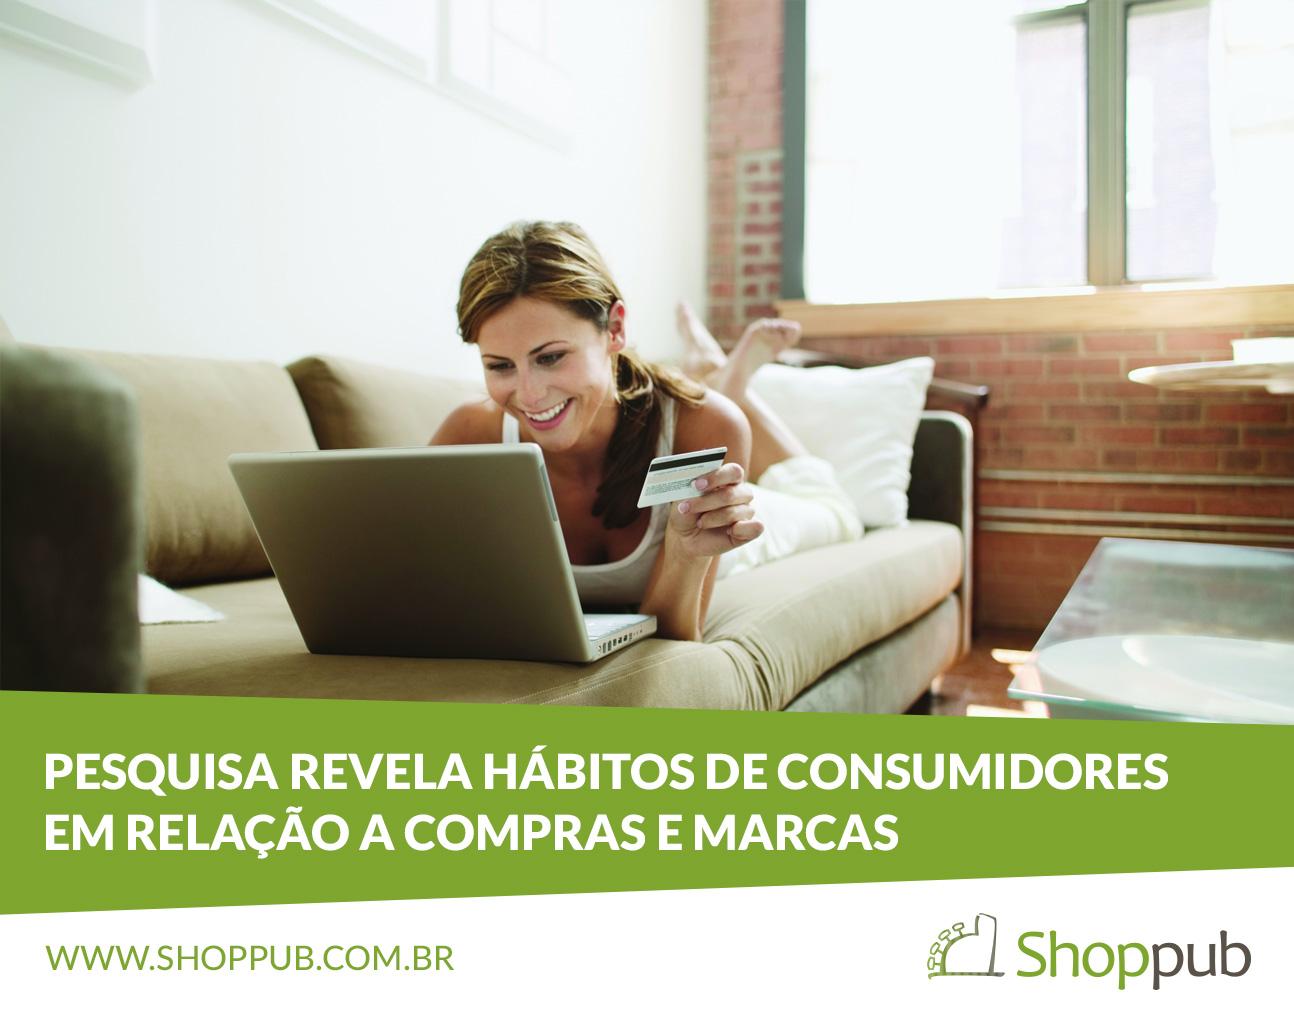 Pesquisa revela hábitos de consumidores em relação a compras e marcas